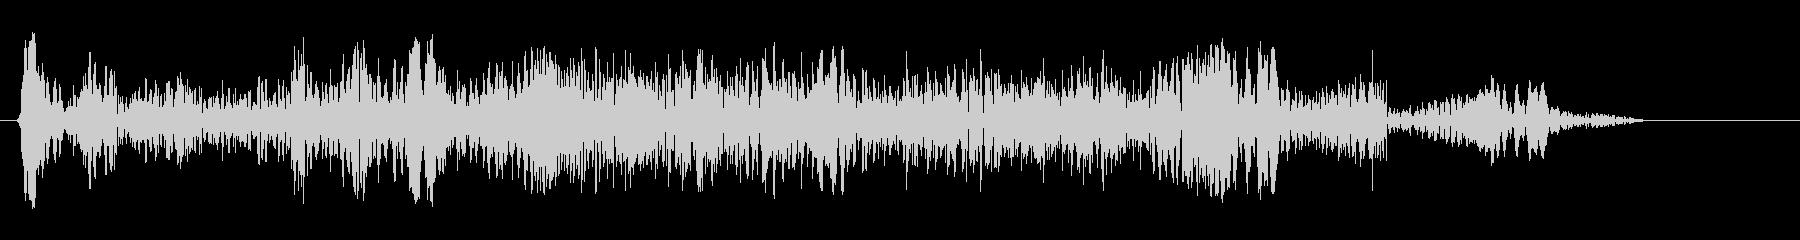 パウワウワァーウァ(不思議な反響音です)の未再生の波形